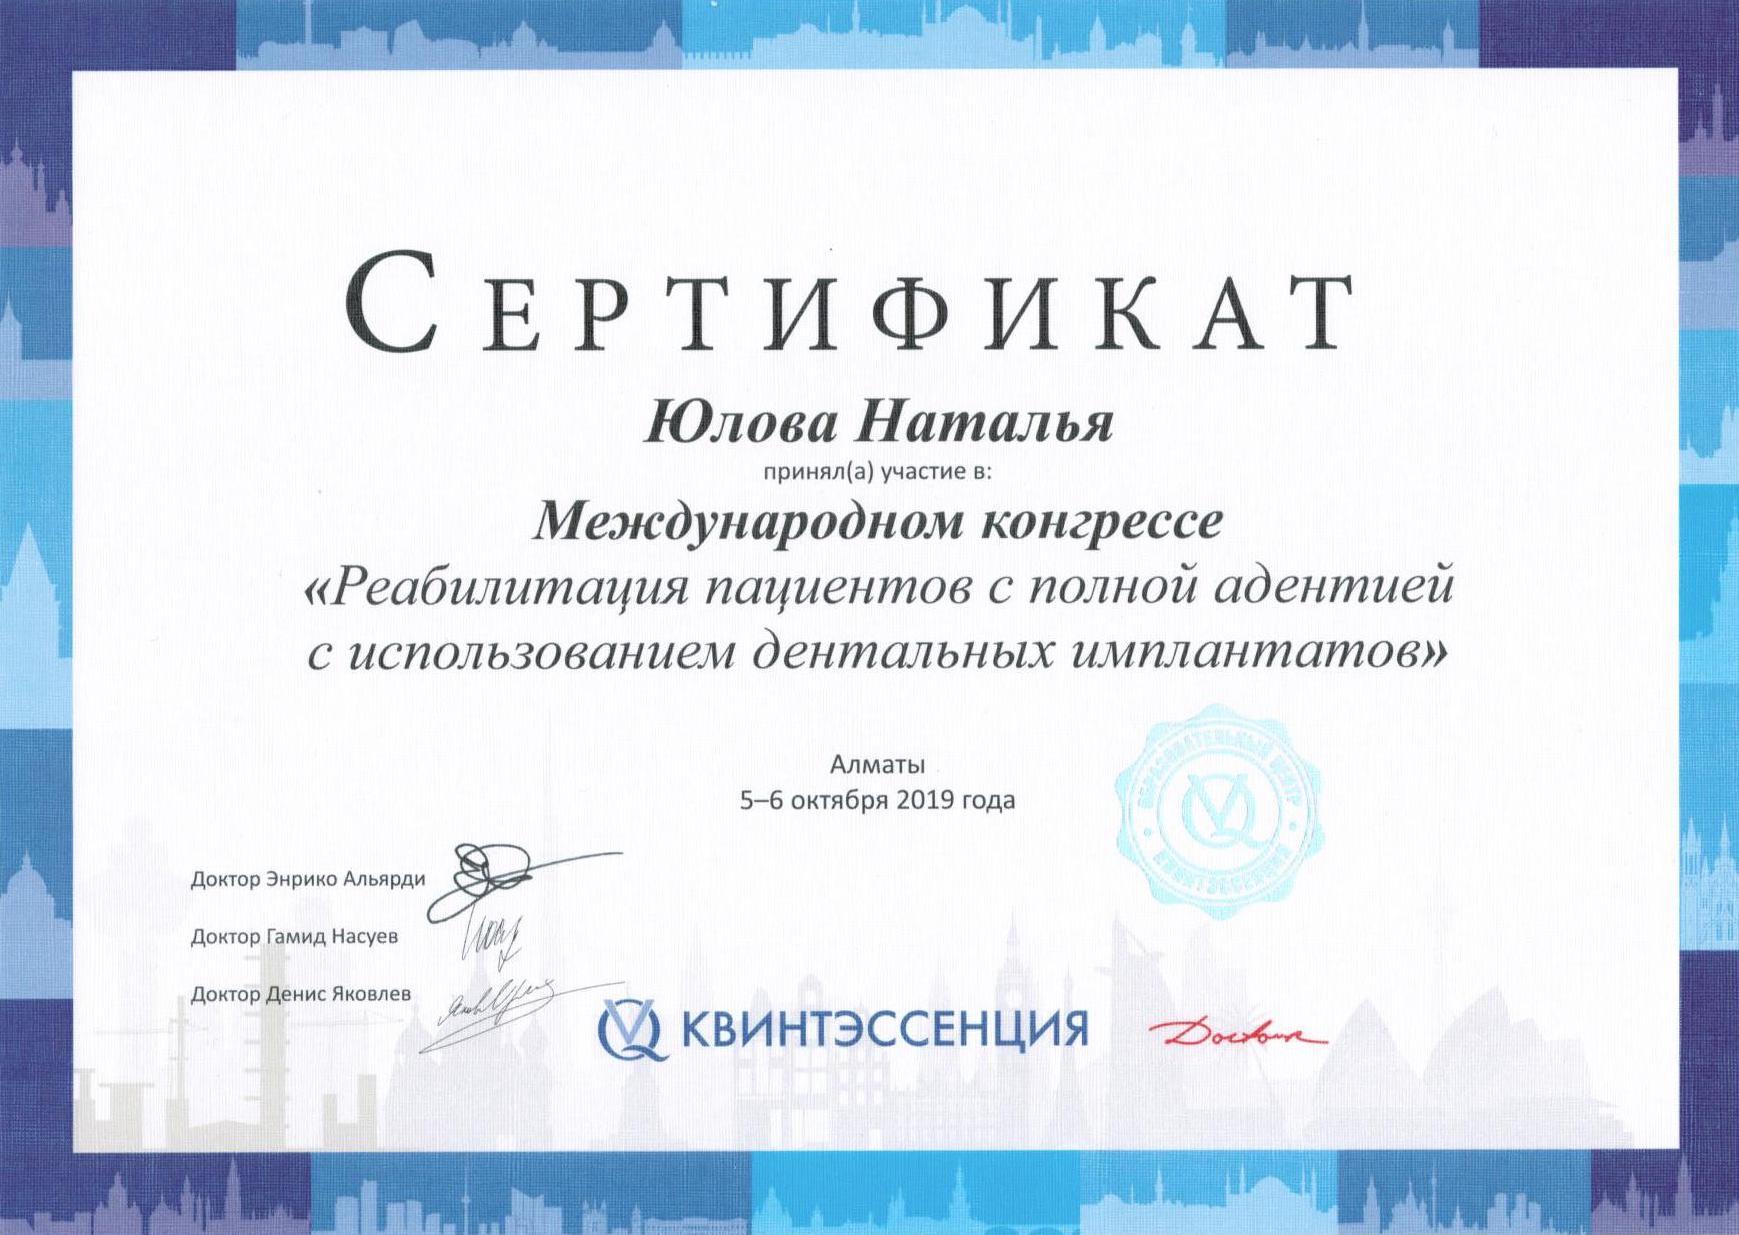 Сертификат Юлова (Алматы)